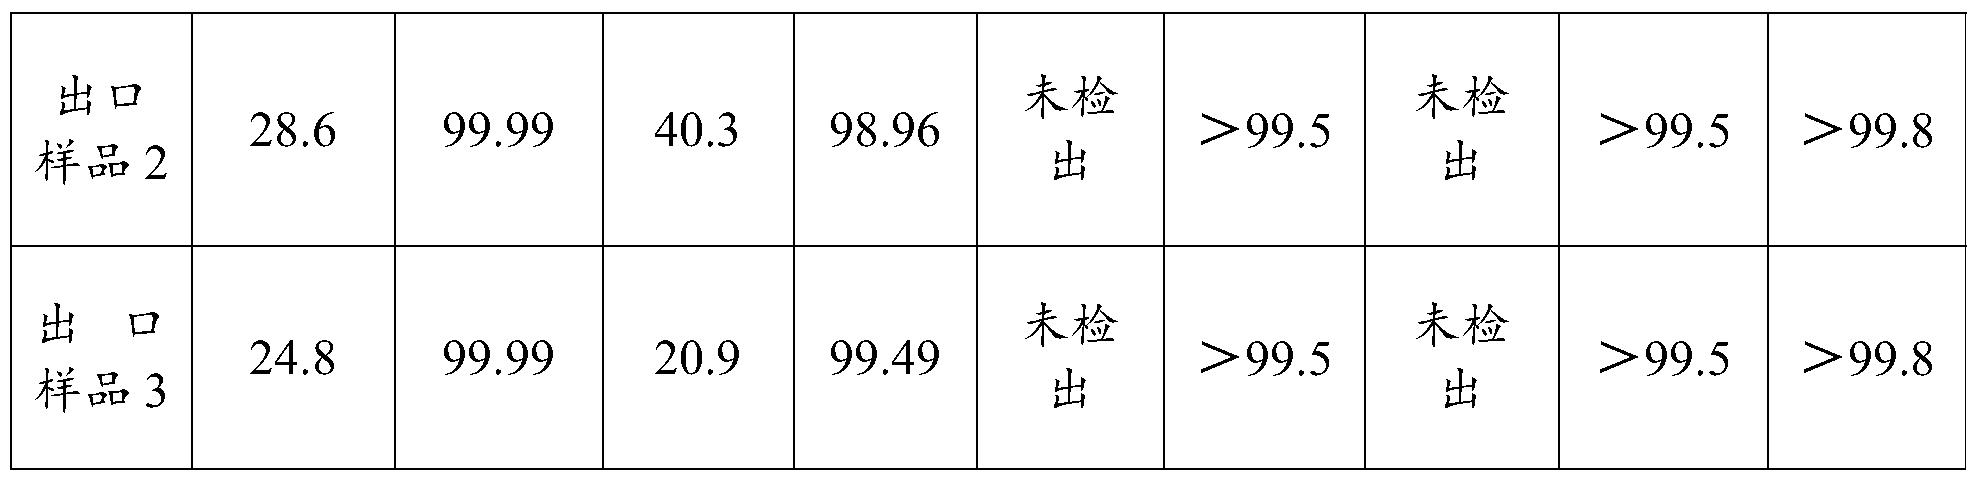 Figure PCTCN2015081356-appb-000004